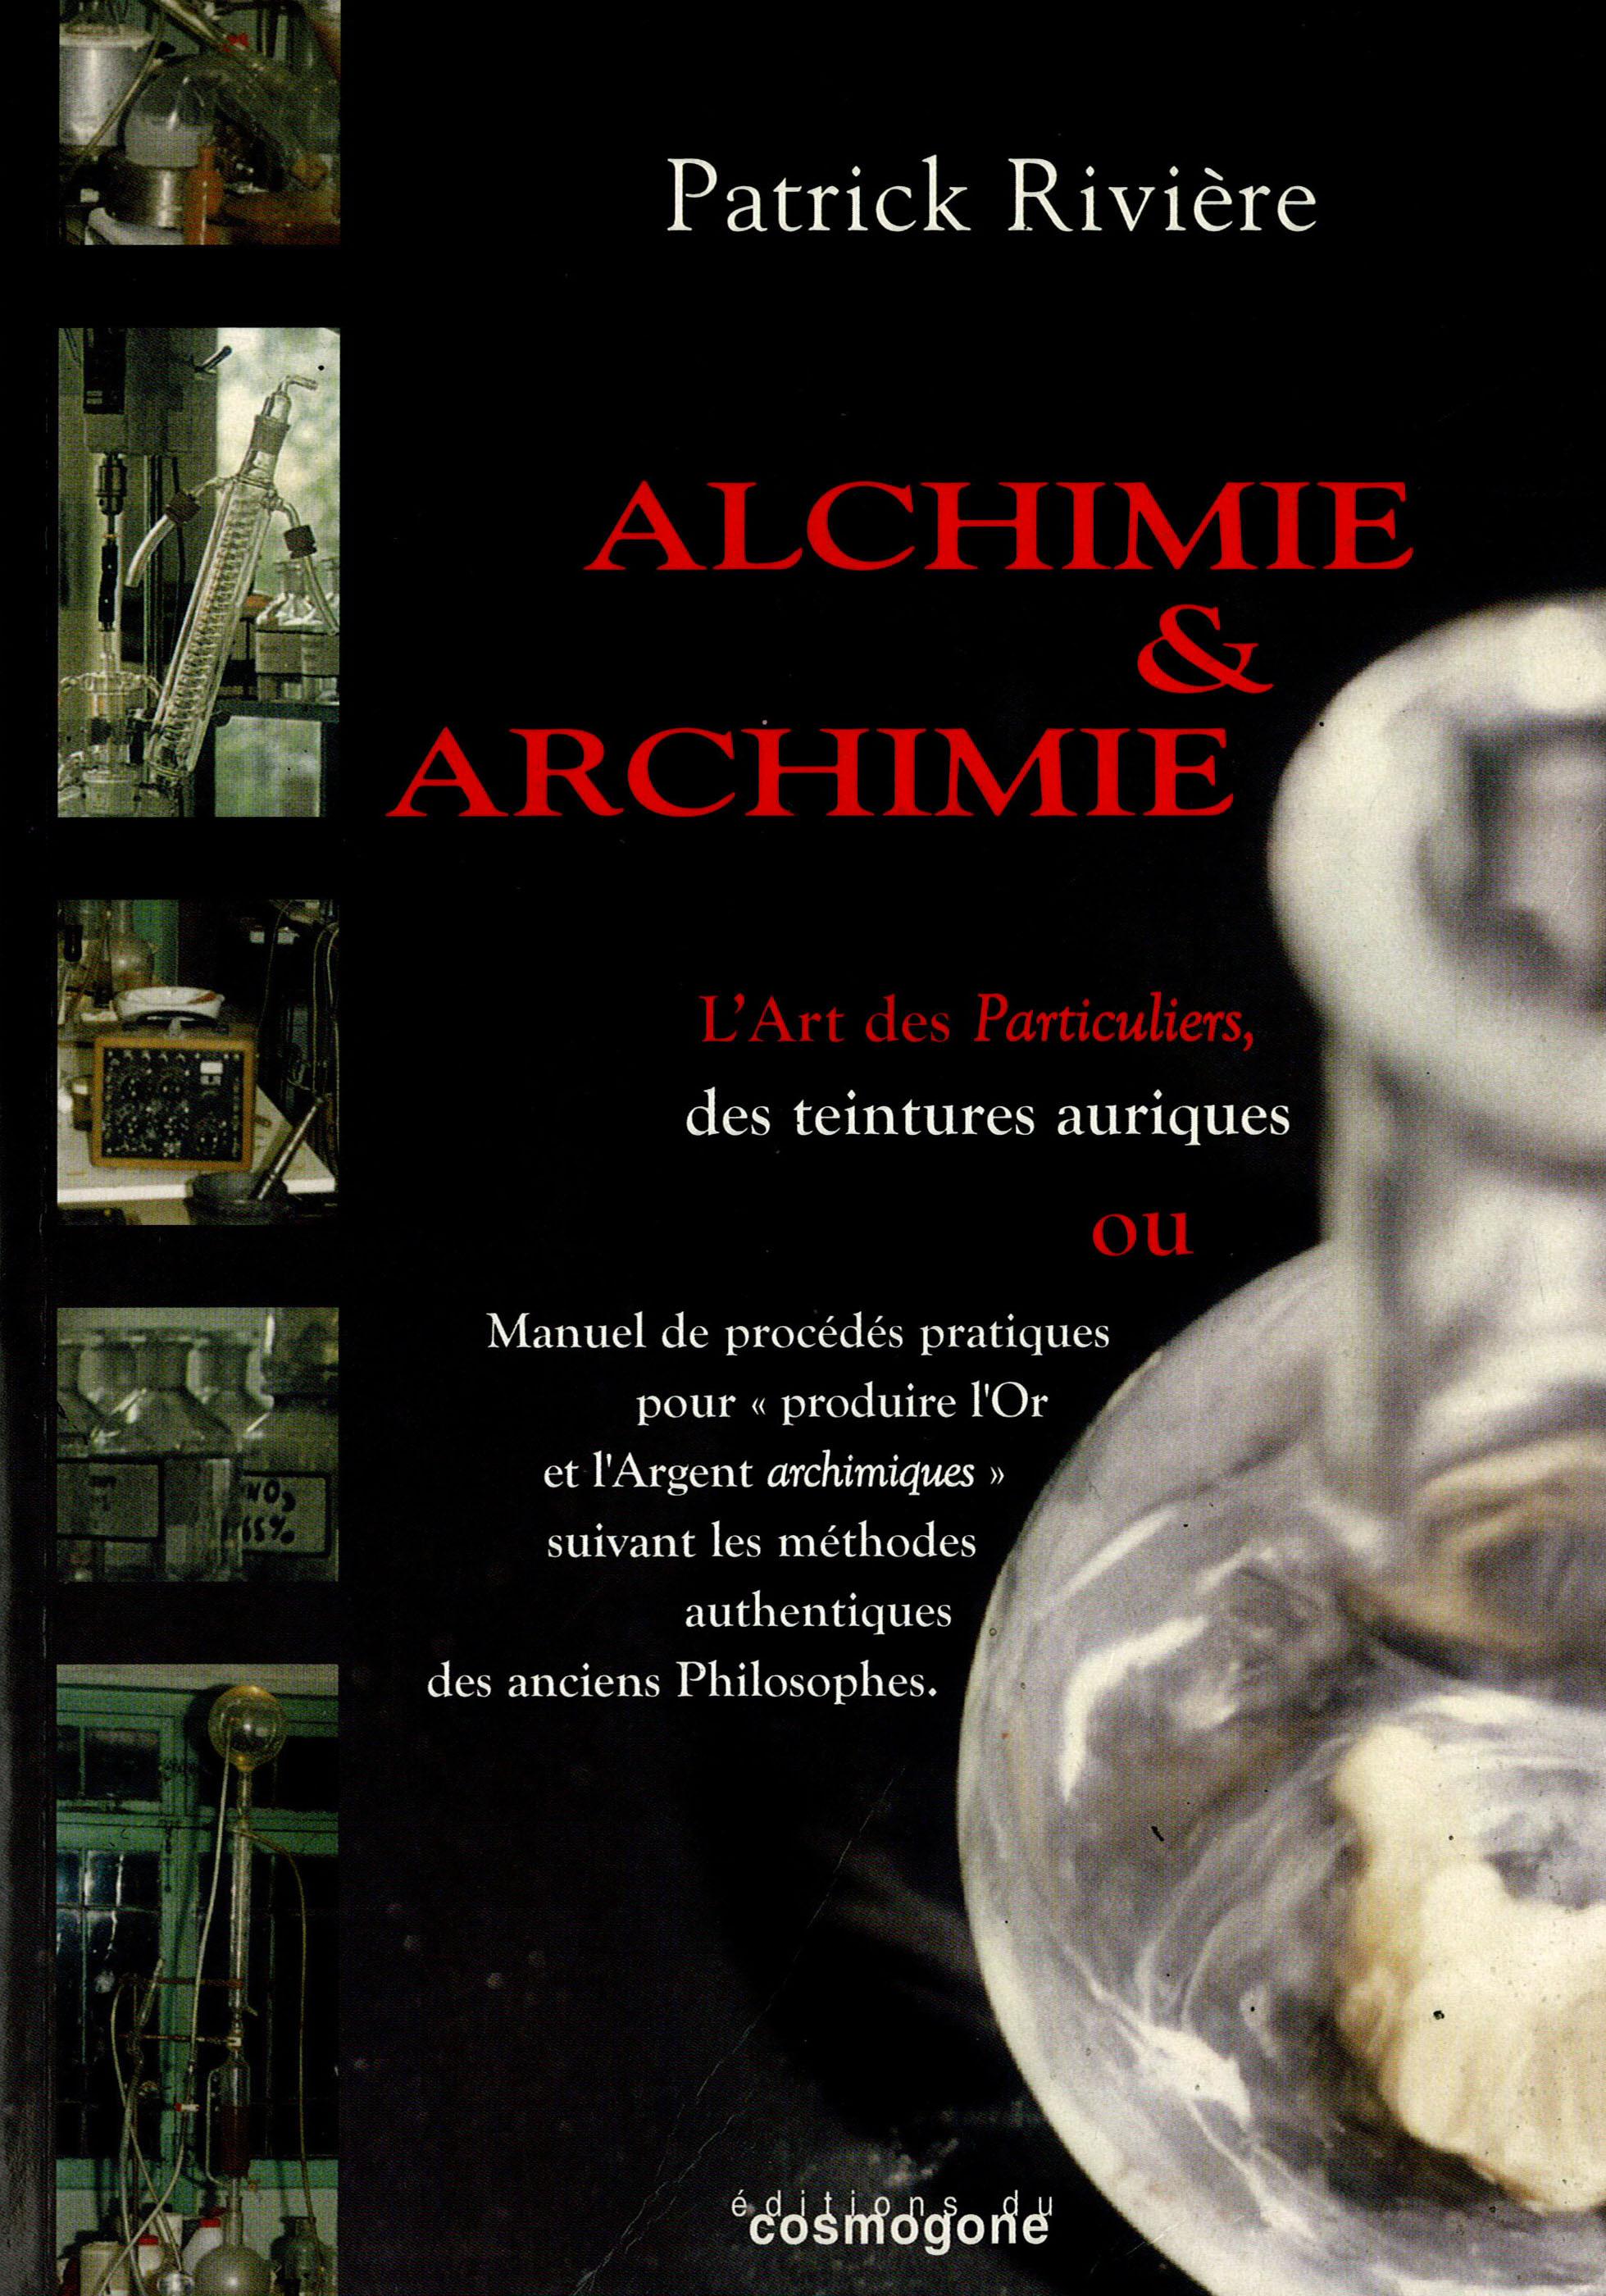 ALCHIMIE ET ARCHIMIE : L'ART DES PARTICULIERS